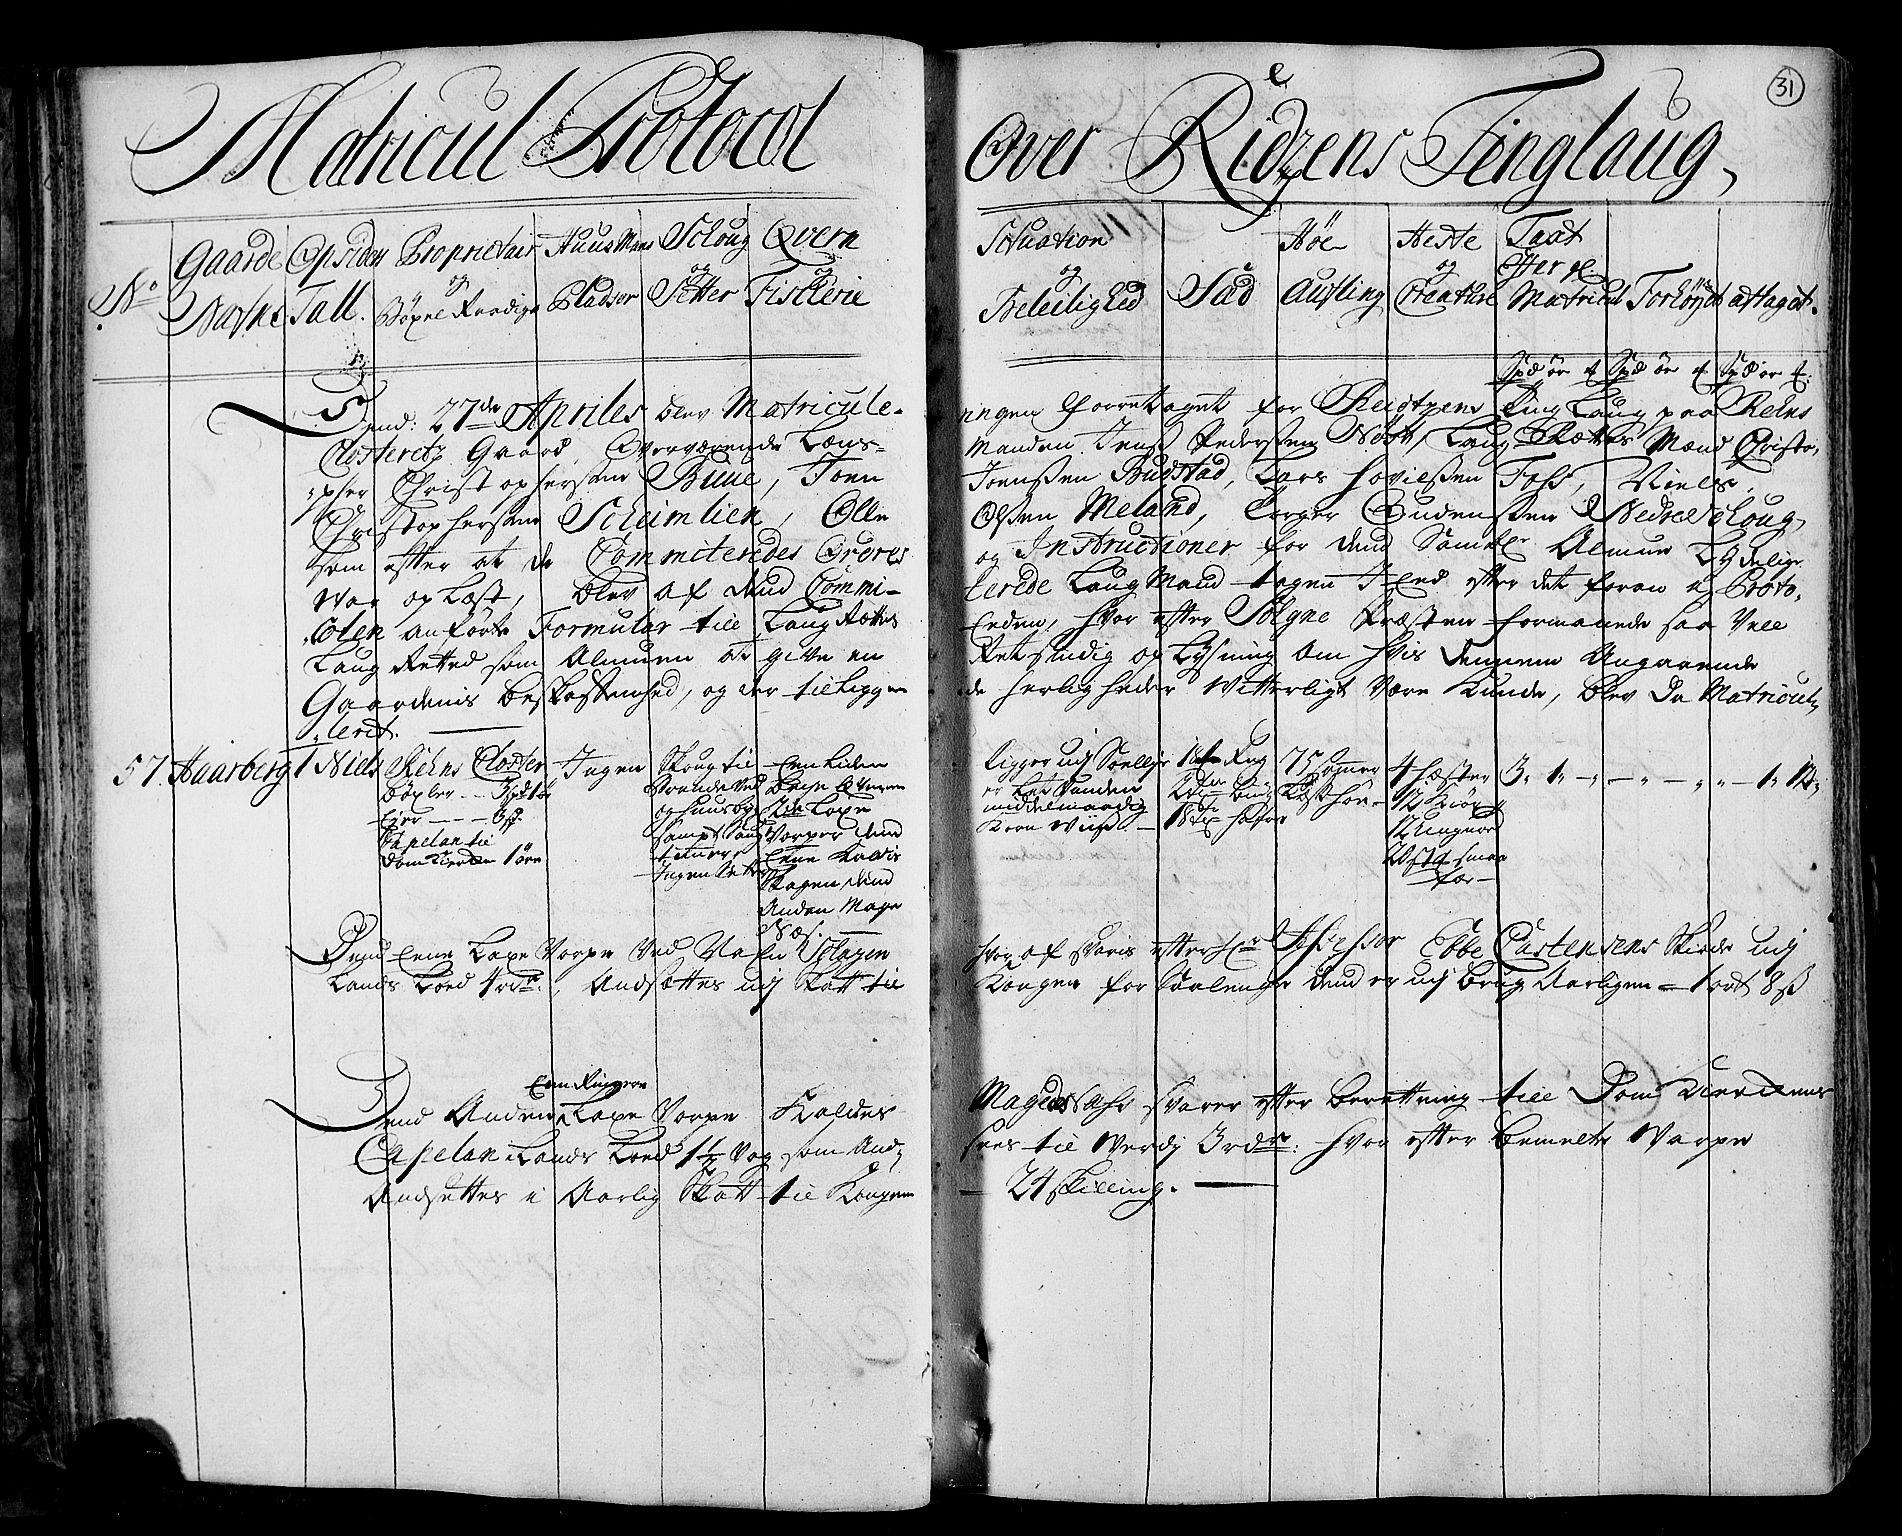 RA, Rentekammeret inntil 1814, Realistisk ordnet avdeling, N/Nb/Nbf/L0162: Fosen eksaminasjonsprotokoll, 1723, s. 30b-31a